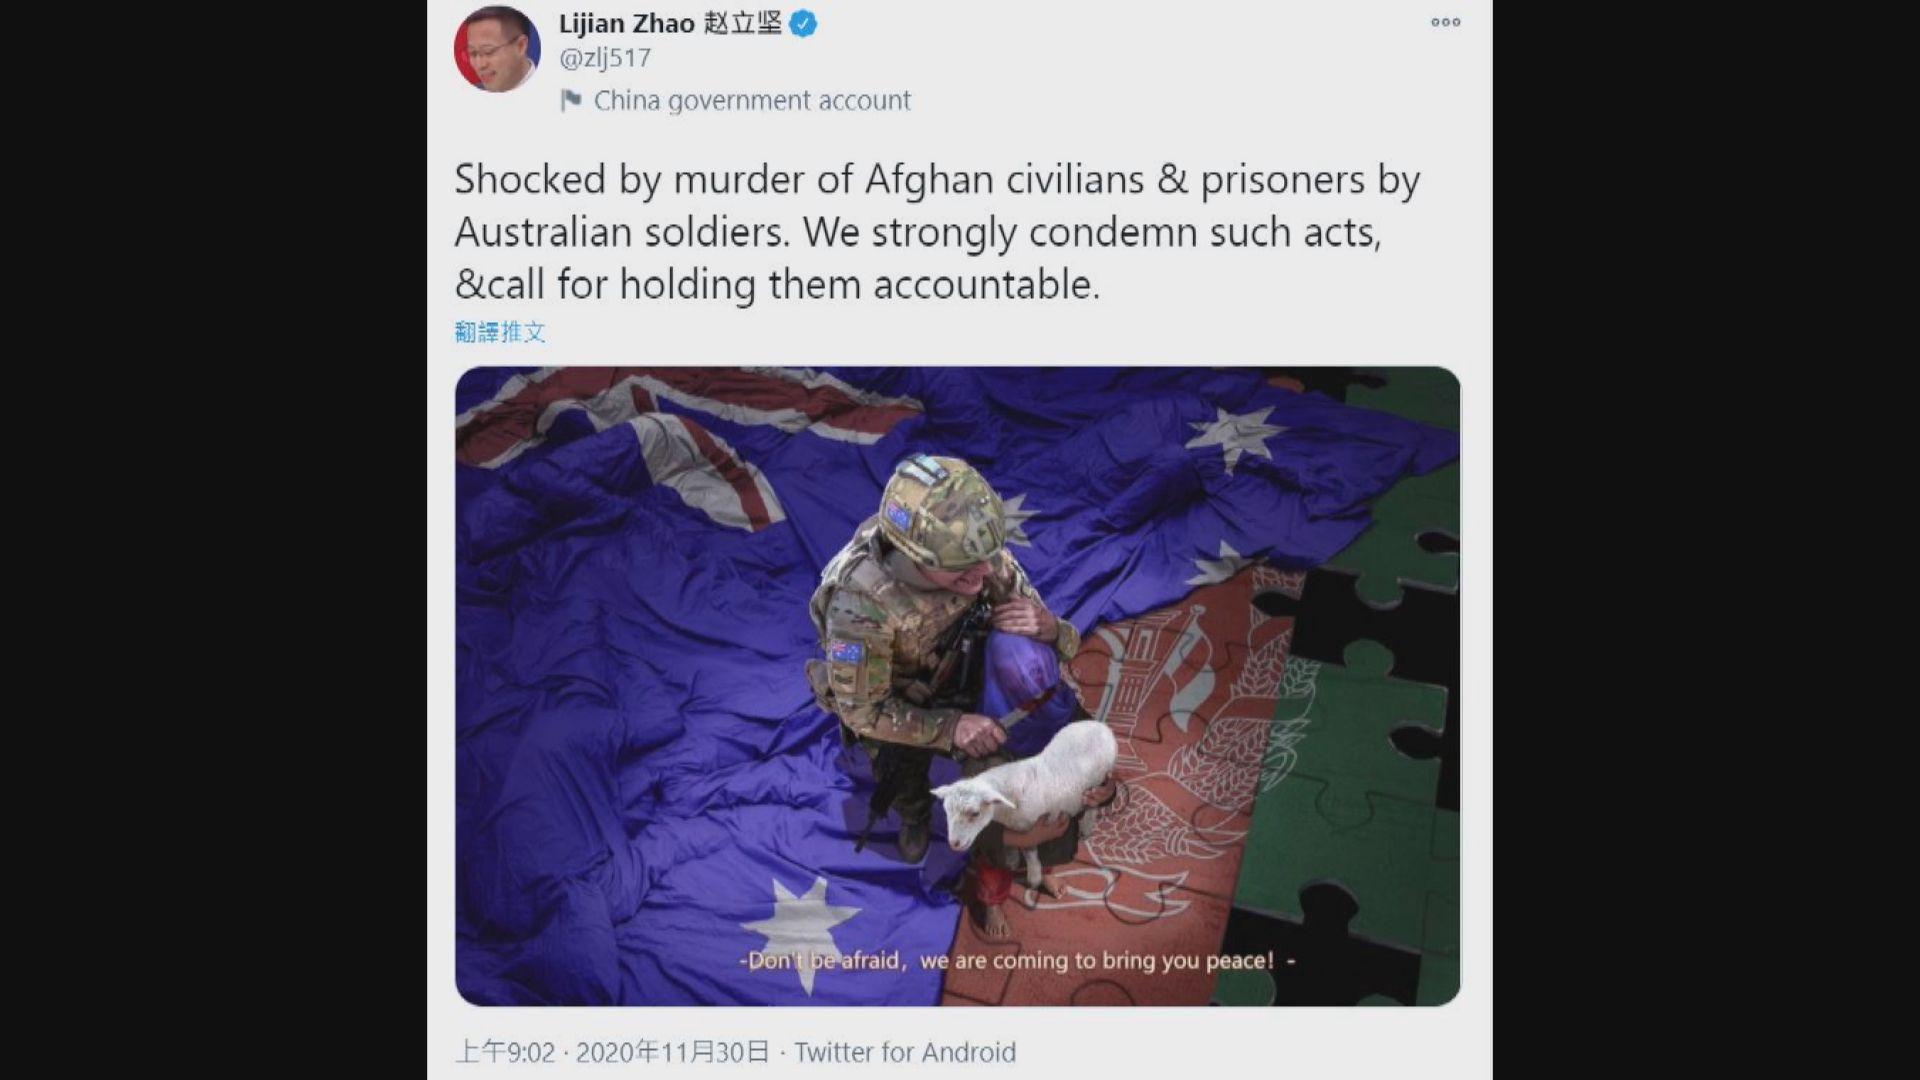 澳洲要求中方就「虛假圖片」道歉 中指澳應反思軍人殺害